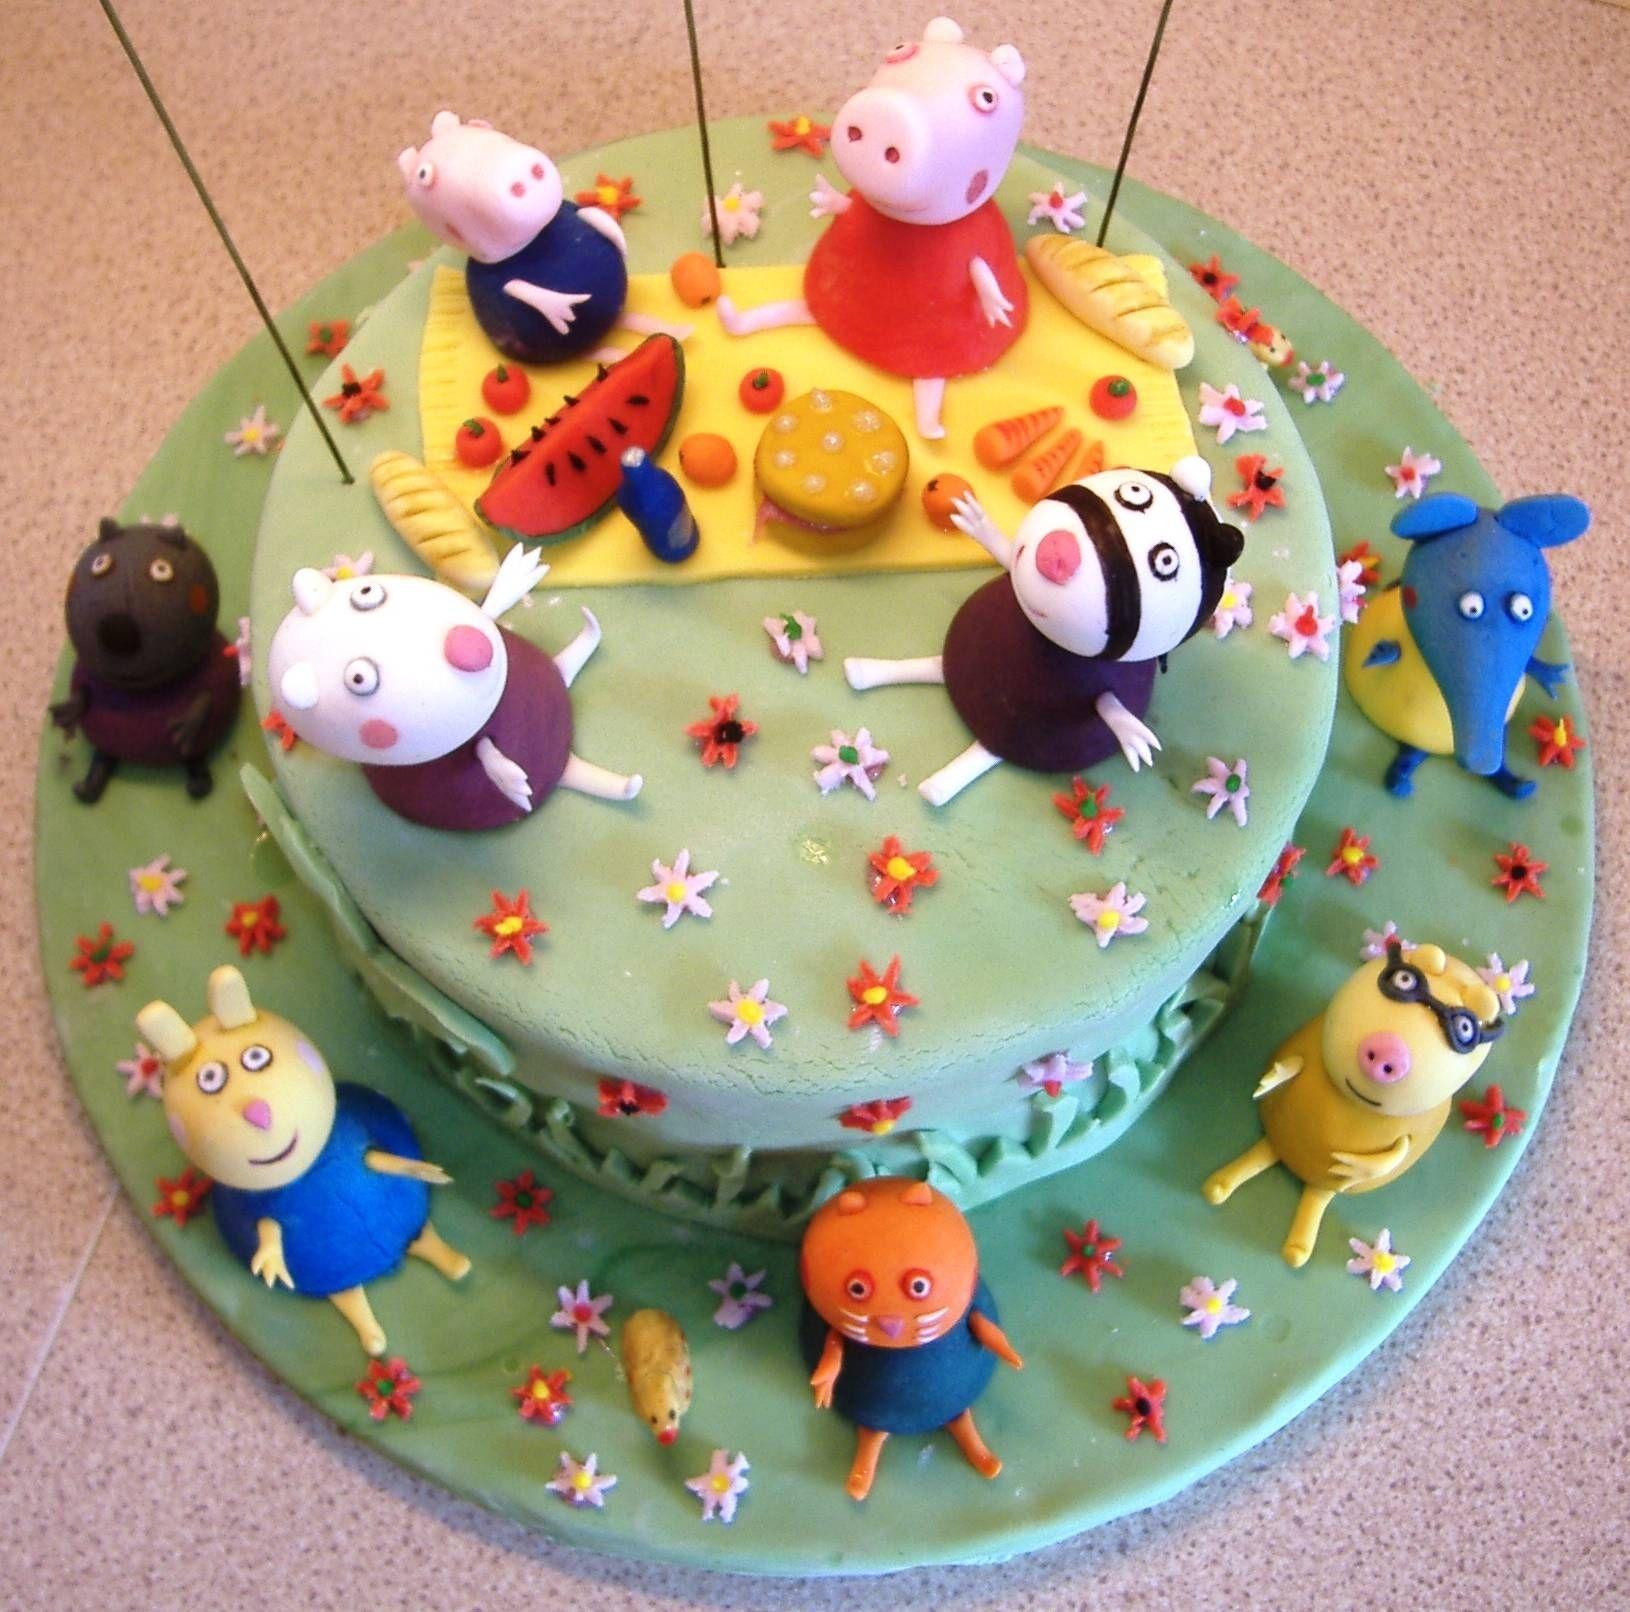 Imagem: www.cakecentral.com